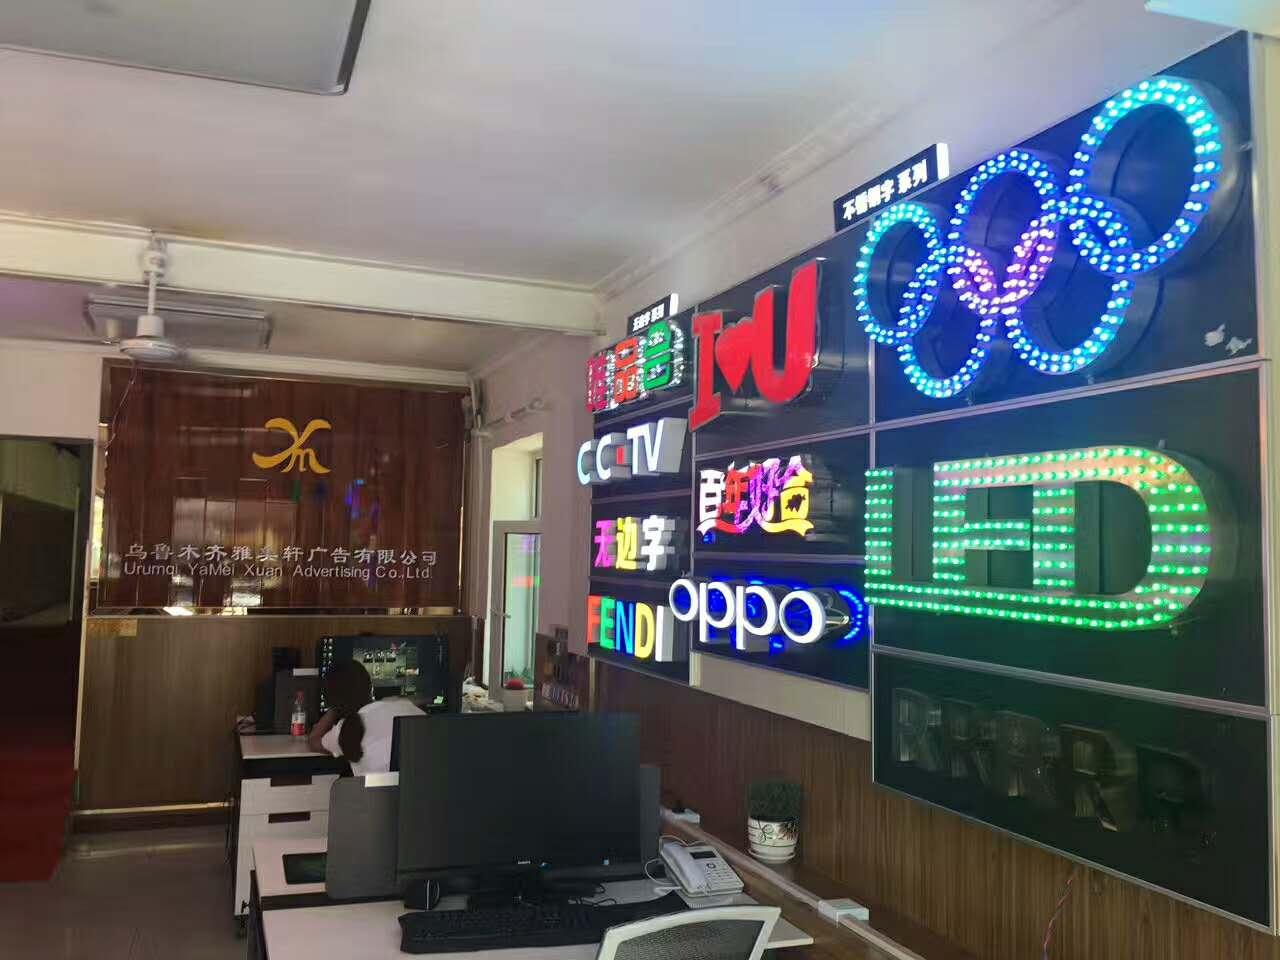 超薄灯箱结构及材料乌鲁木齐广告公司为您介绍